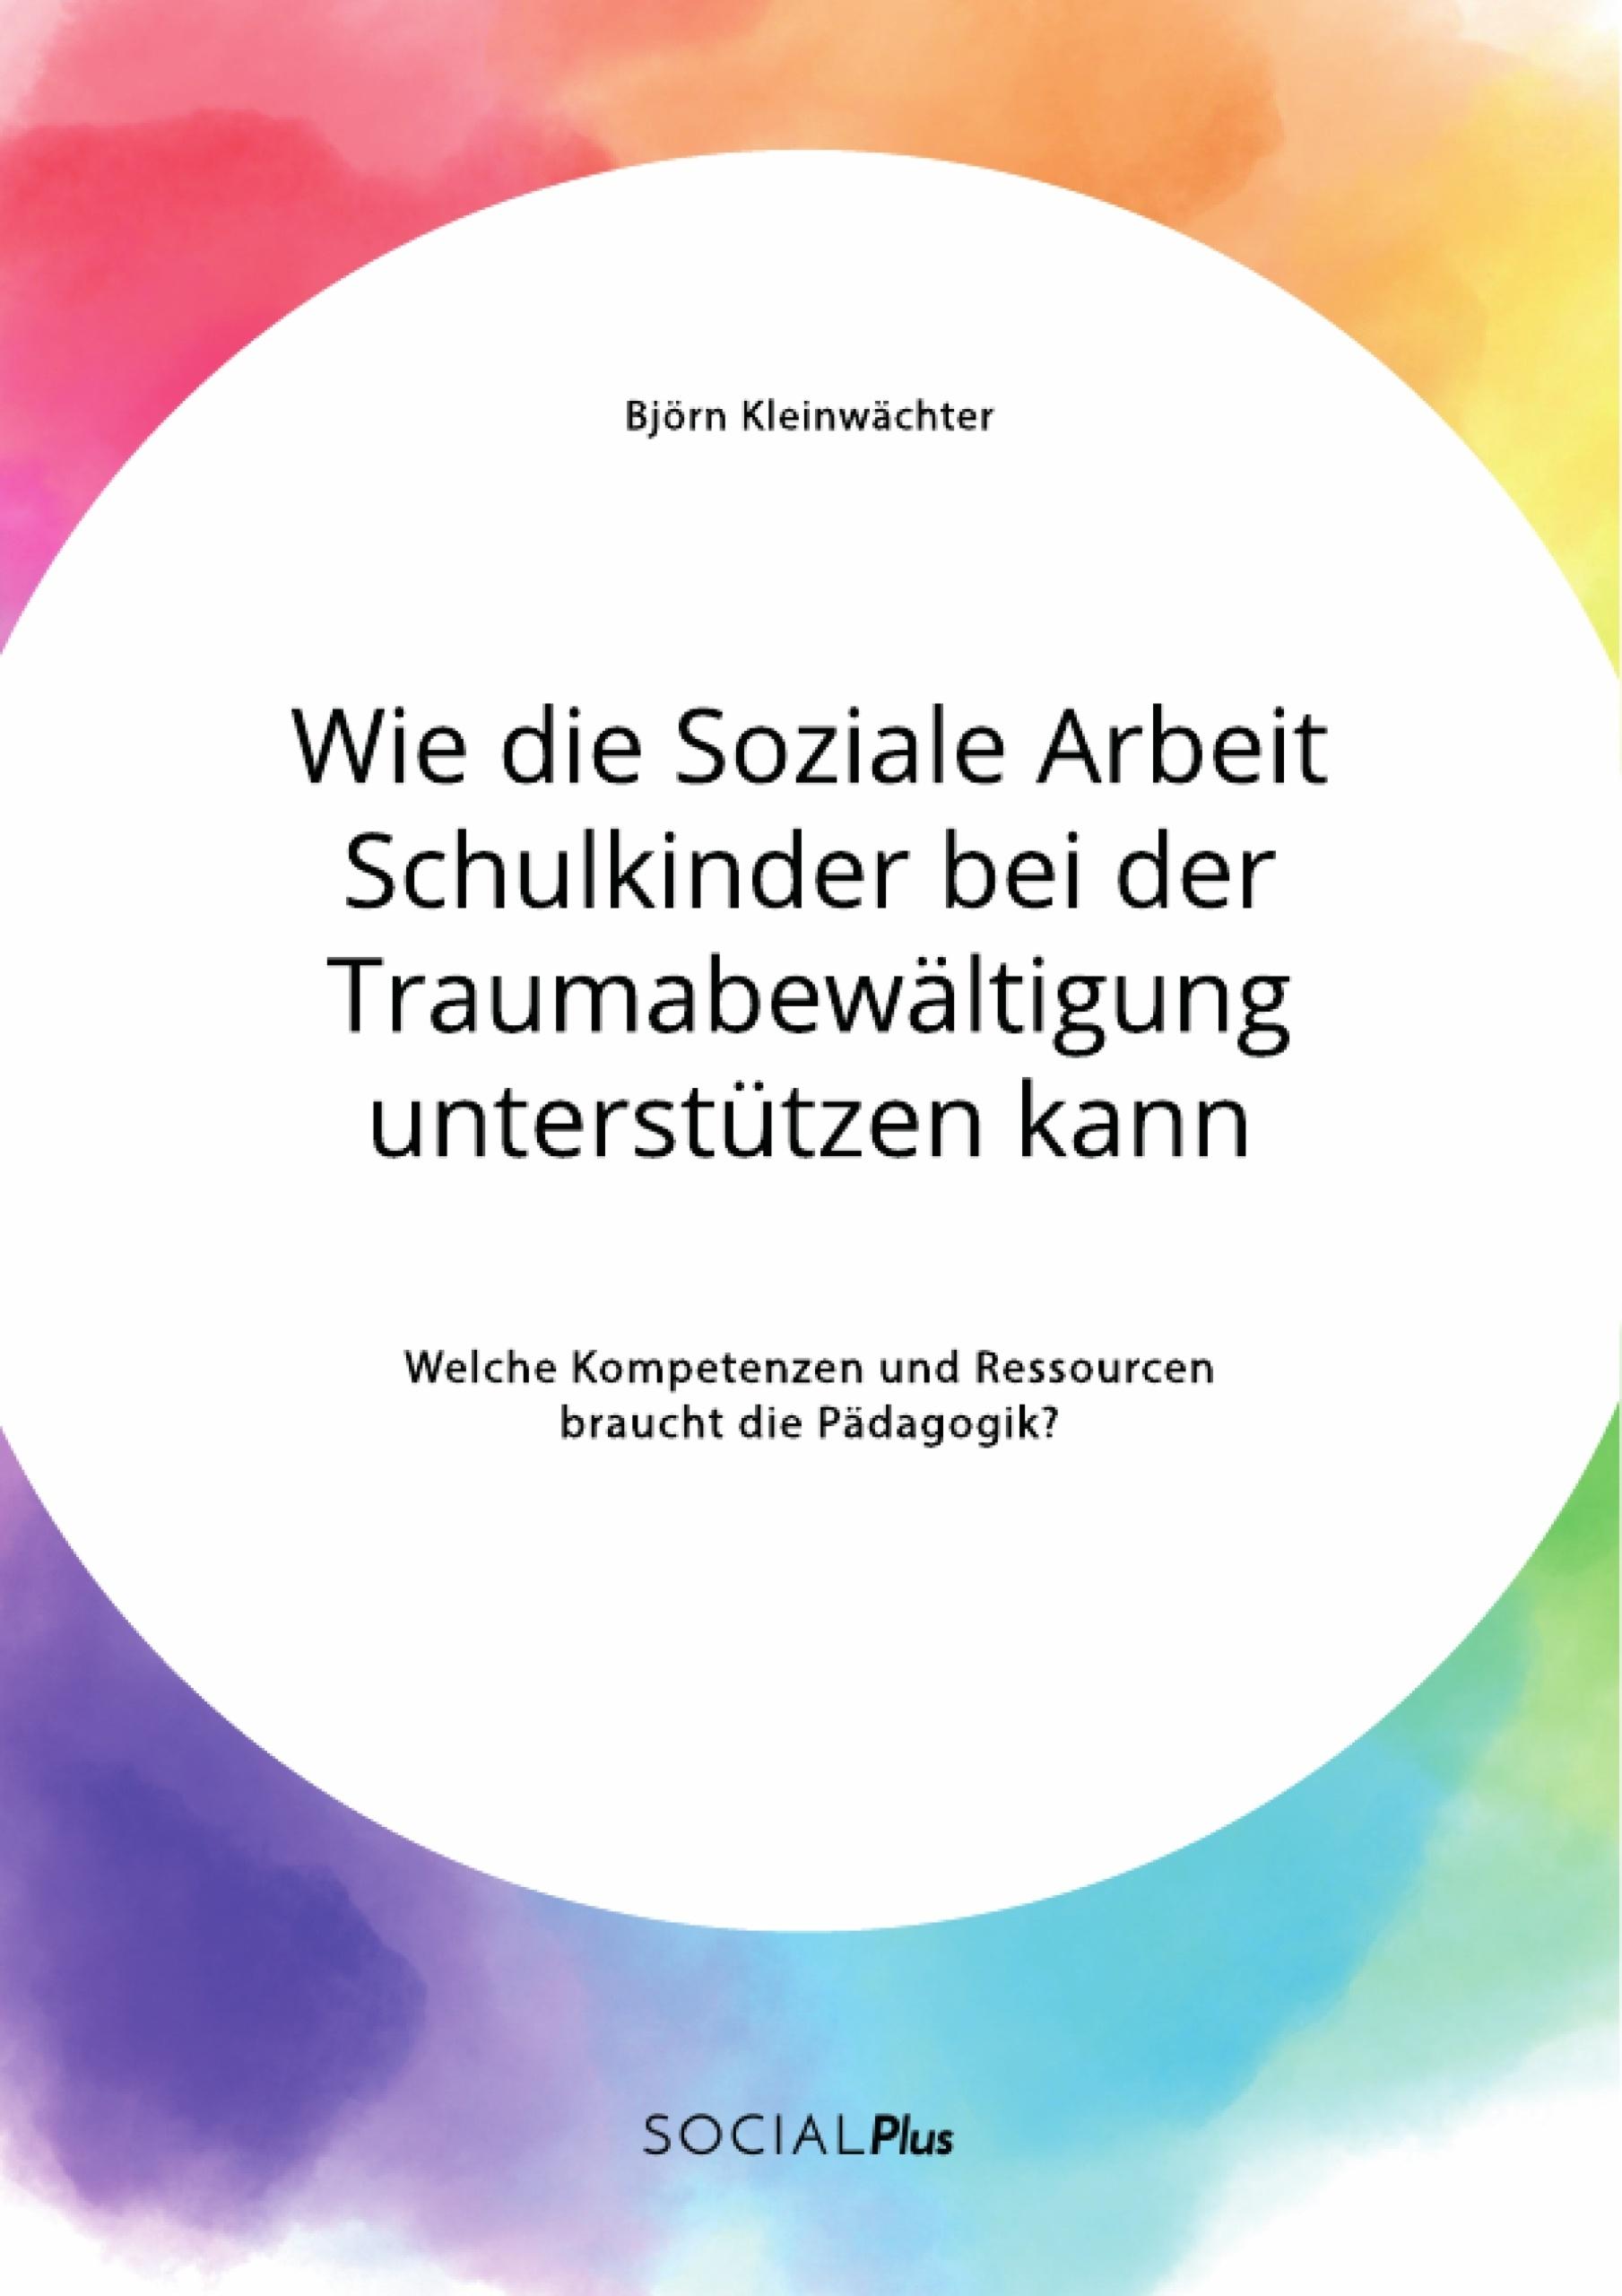 Titel: Wie die Soziale Arbeit Schulkinder bei der Traumabewältigung unterstützen kann. Welche Kompetenzen und Ressourcen braucht die Pädagogik?